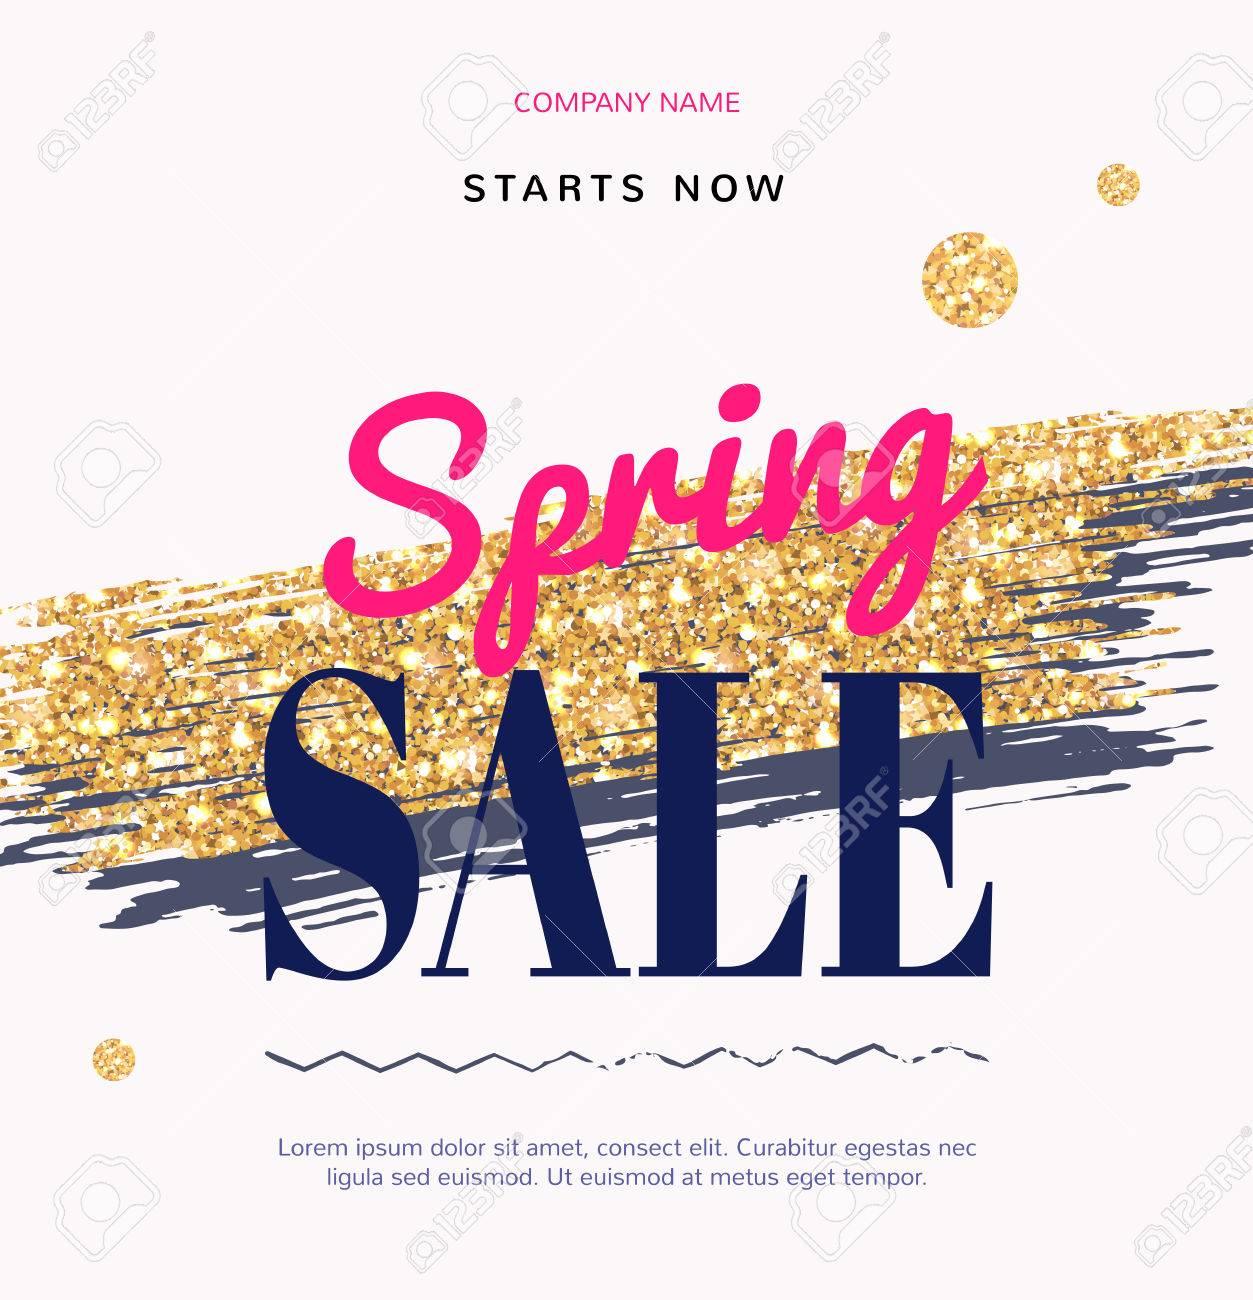 金ブラシで販売ファッション最新の web バナー。スーパー春販売、プロモーション、割引。オンライン ショップの化粧品やファッション、ビューティー  サロン、ショップの特別オファーです。